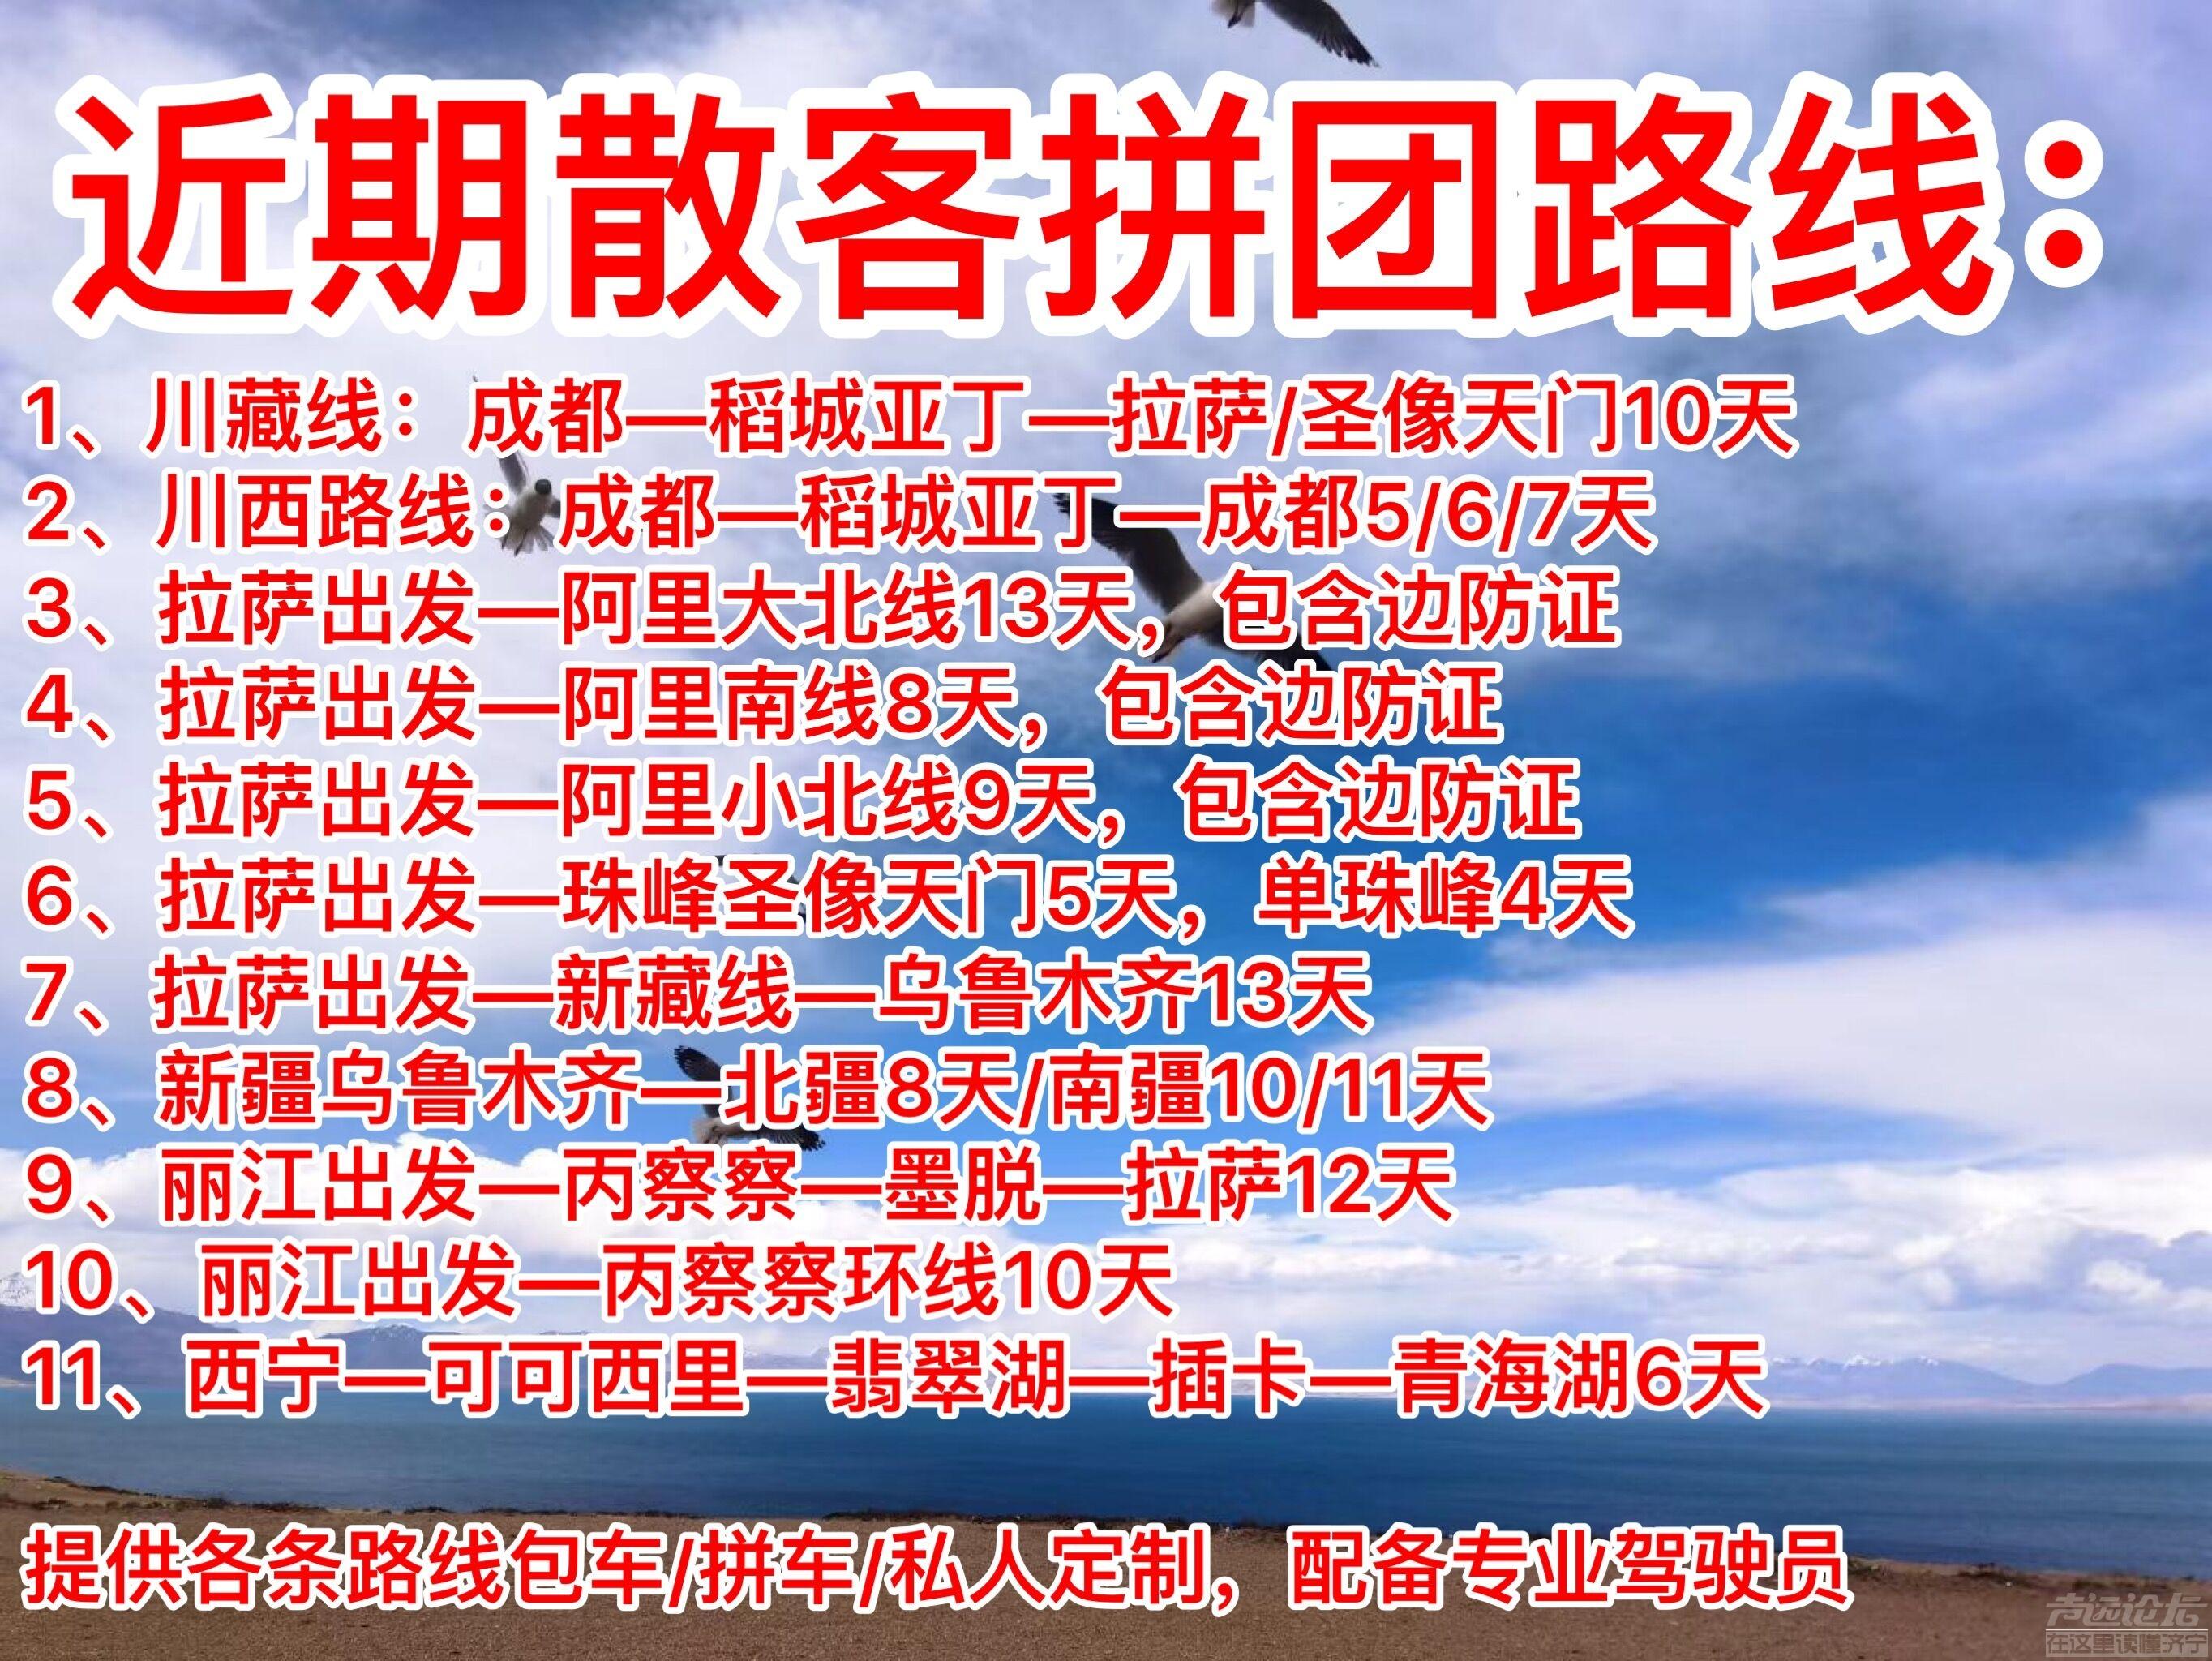 QQ图片20210616132257.jpg